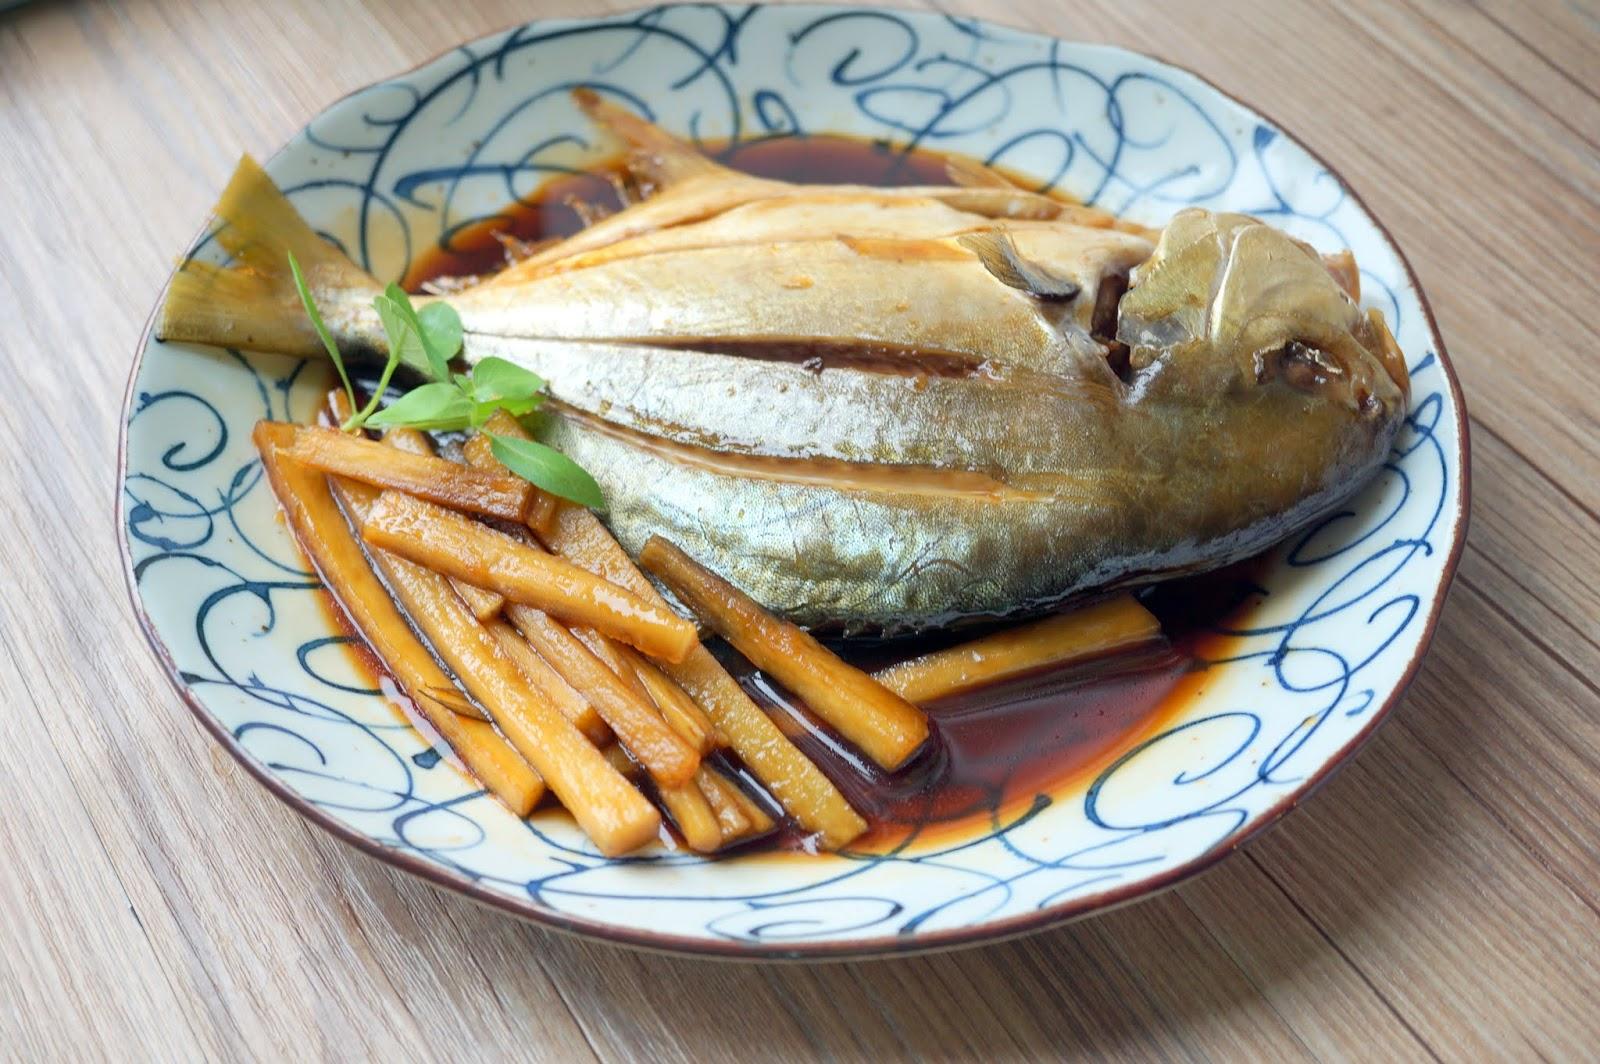 OL醉愛廚房: 【日式經典家常菜】醬燒魚